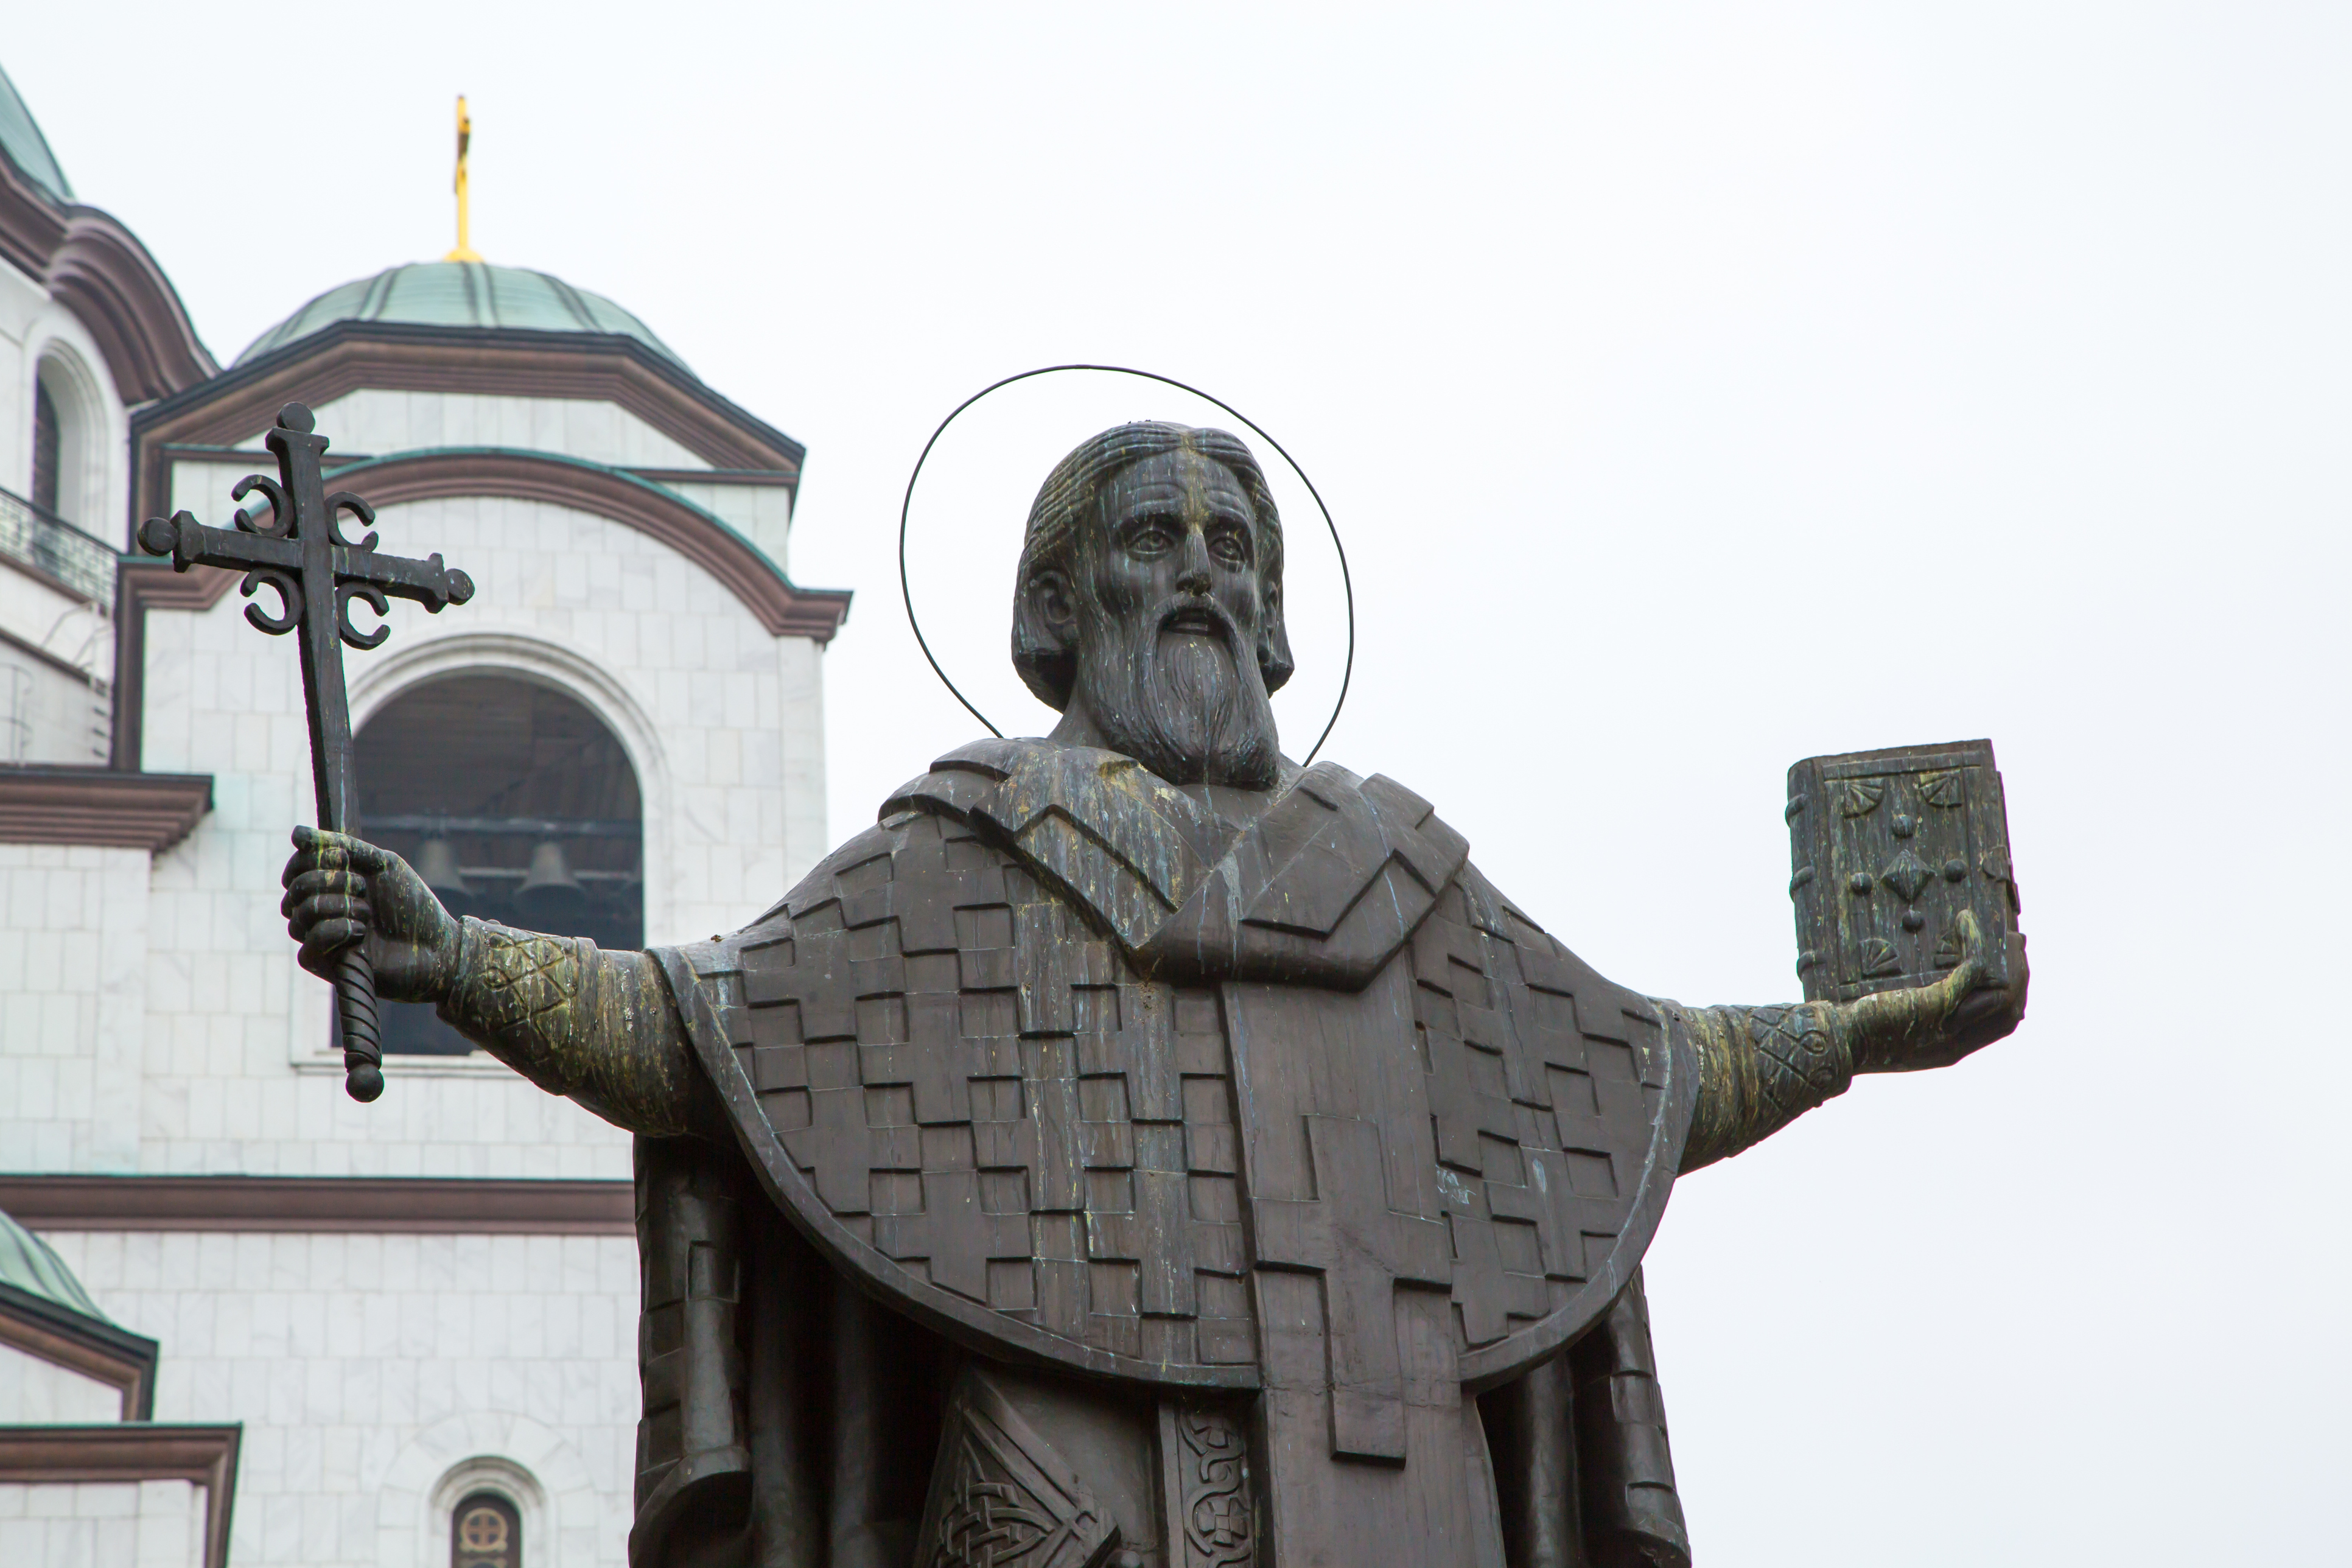 <p>На 5 декември православната църква чества св. Сава Освещени, построил в края на живота си множество манастири и болници.&nbsp;Сава е свързан/а и с плодовитостта, затова на този ден бездетните булки изпълнявали ритуал, заедно с най-старата жена в дома. Предците ни изпитвали страхопочитание към св. Сава, защото вярвали, че &bdquo;засява&ldquo; болестите по хората, от там идва и израза &bdquo;Варвара заварява болестите, а Сава ги разсява&ldquo;.</p>